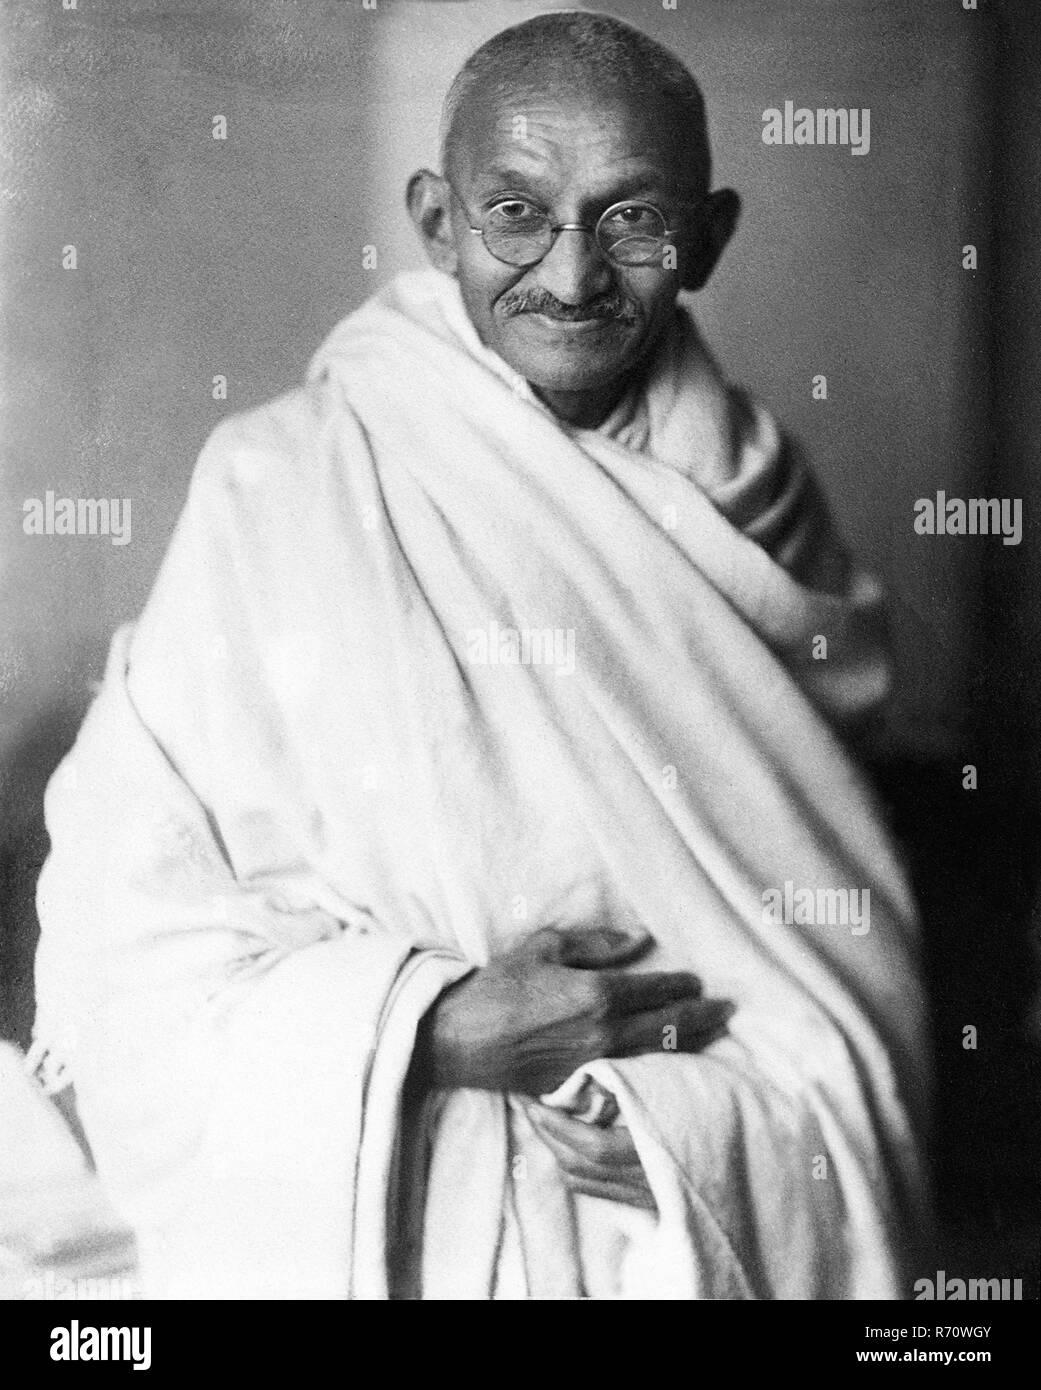 Raro studio fotografico del Mahatma Gandhi prese a Londra, Inghilterra, a richiesta del Signore Irwin, 1931 Foto Stock